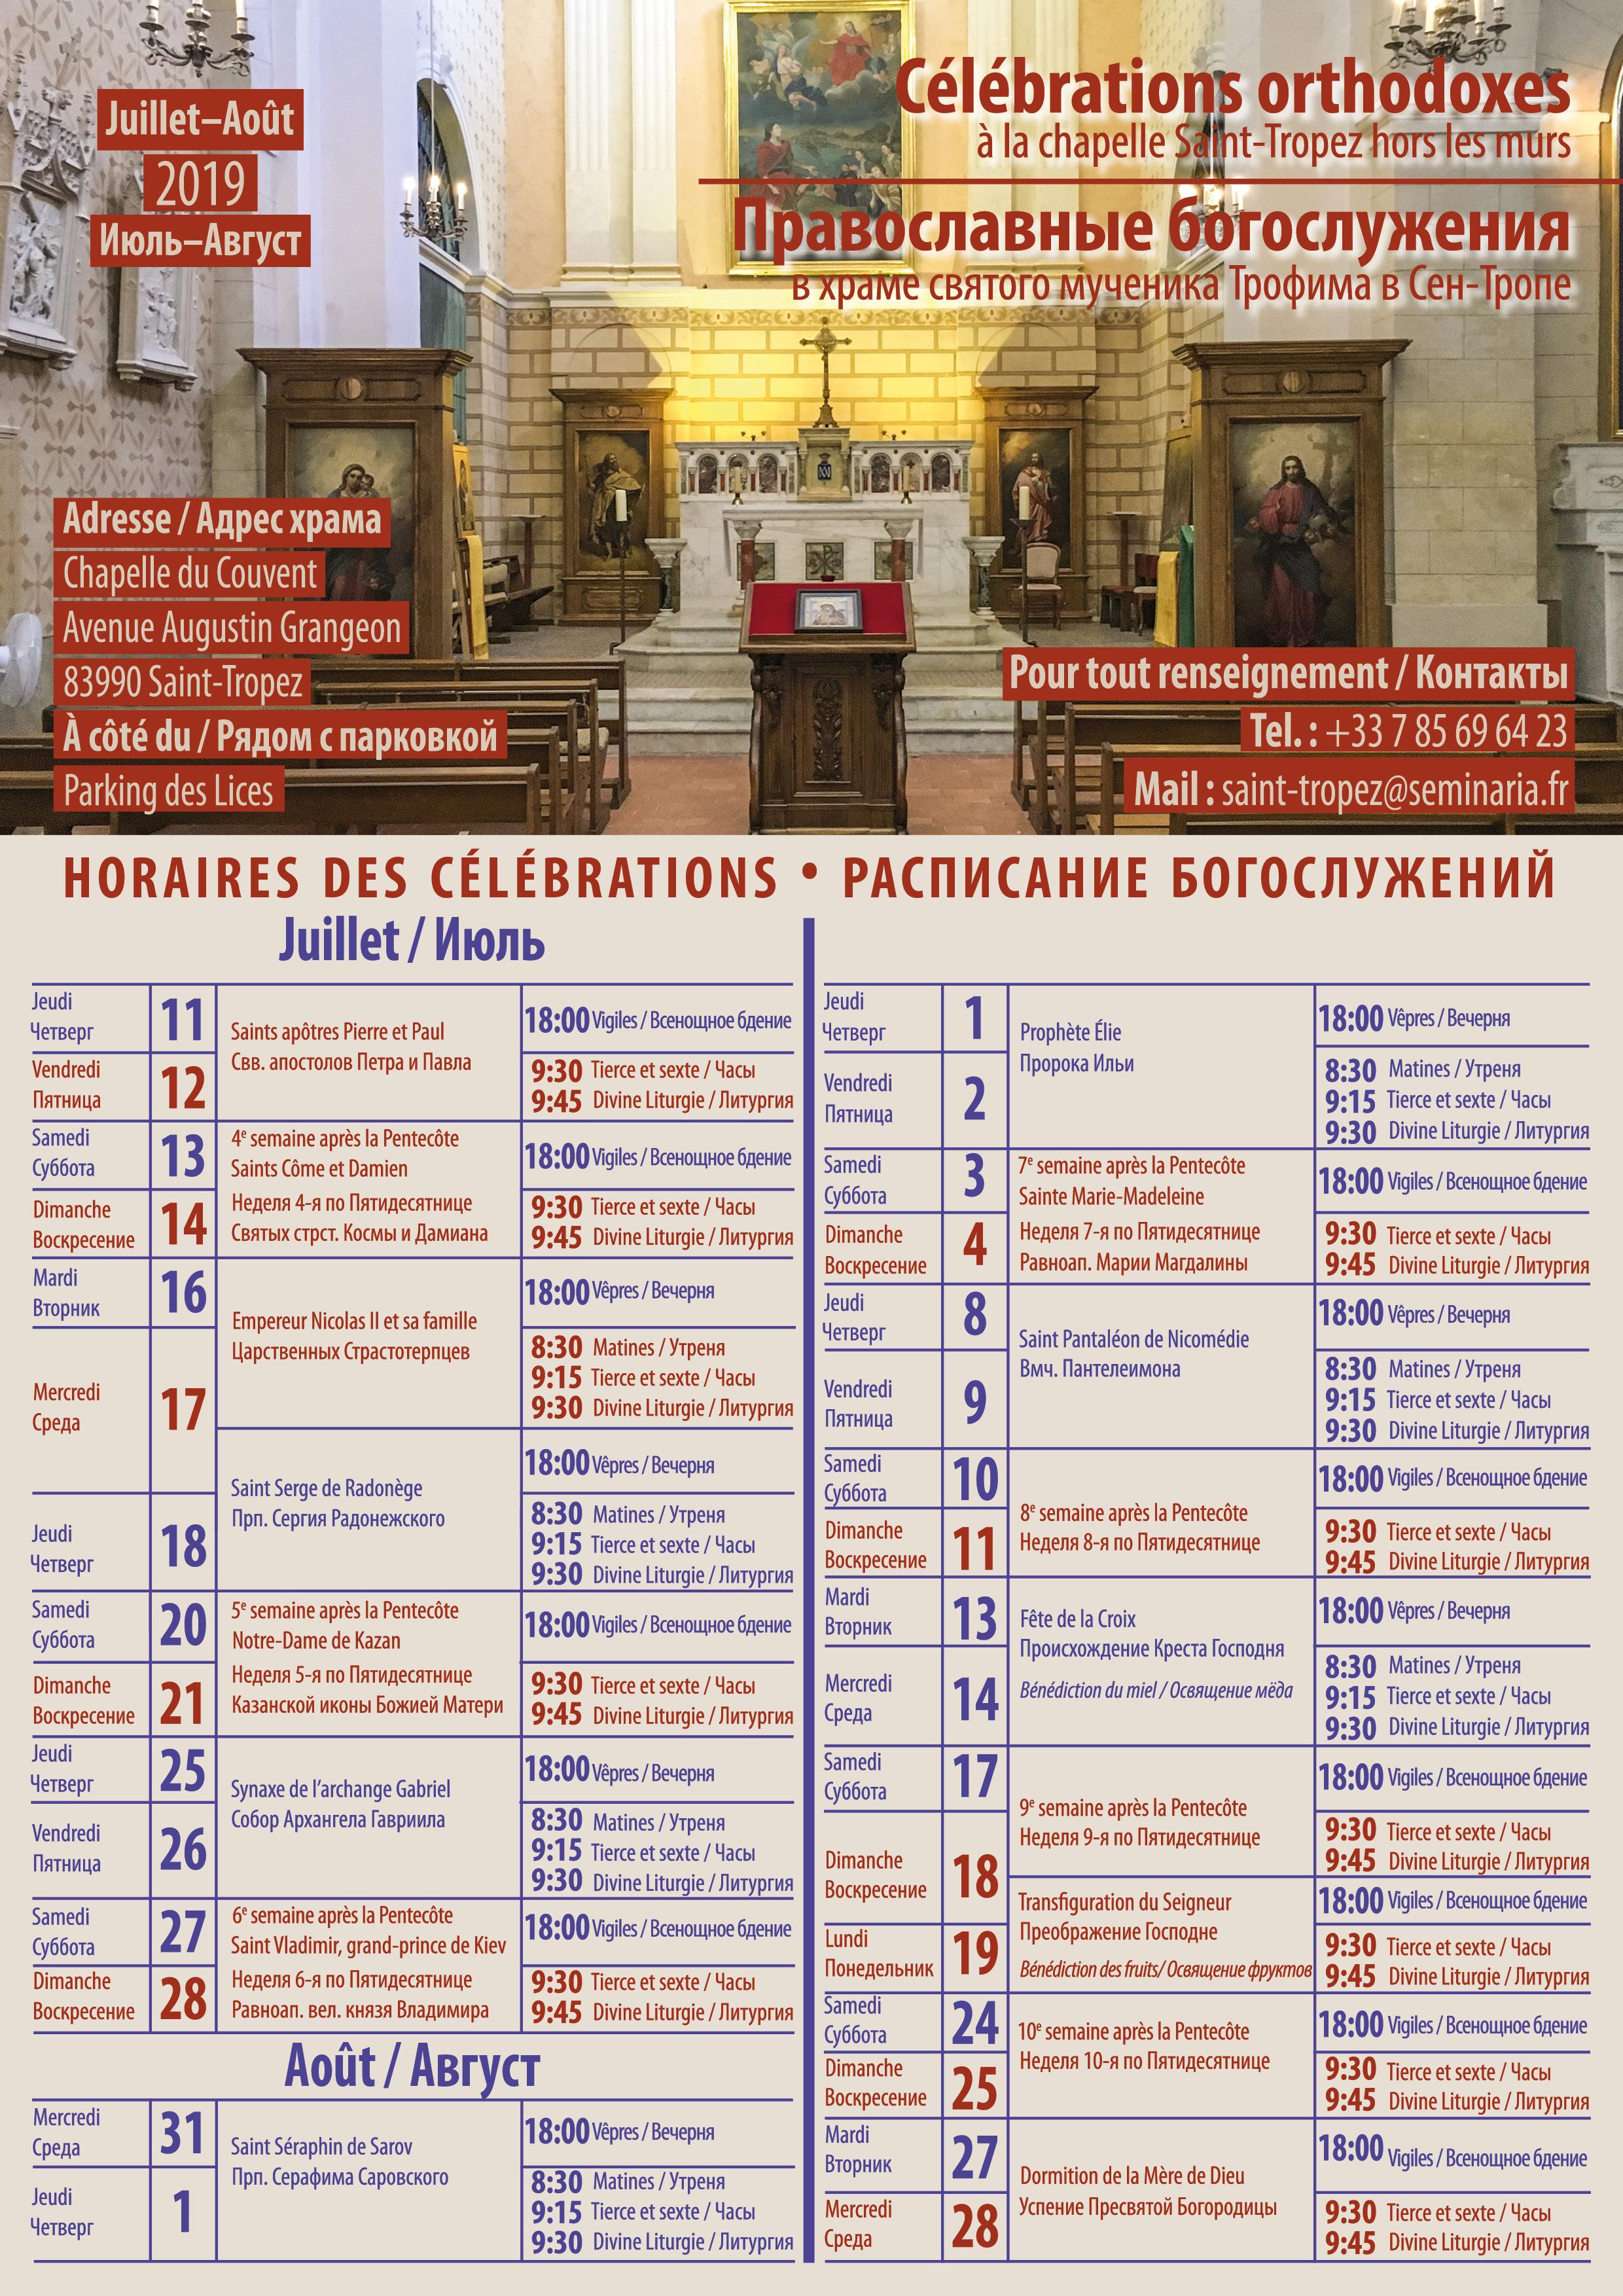 Horaires des célébrations orthodoxes à Saint-Tropez en été 2019